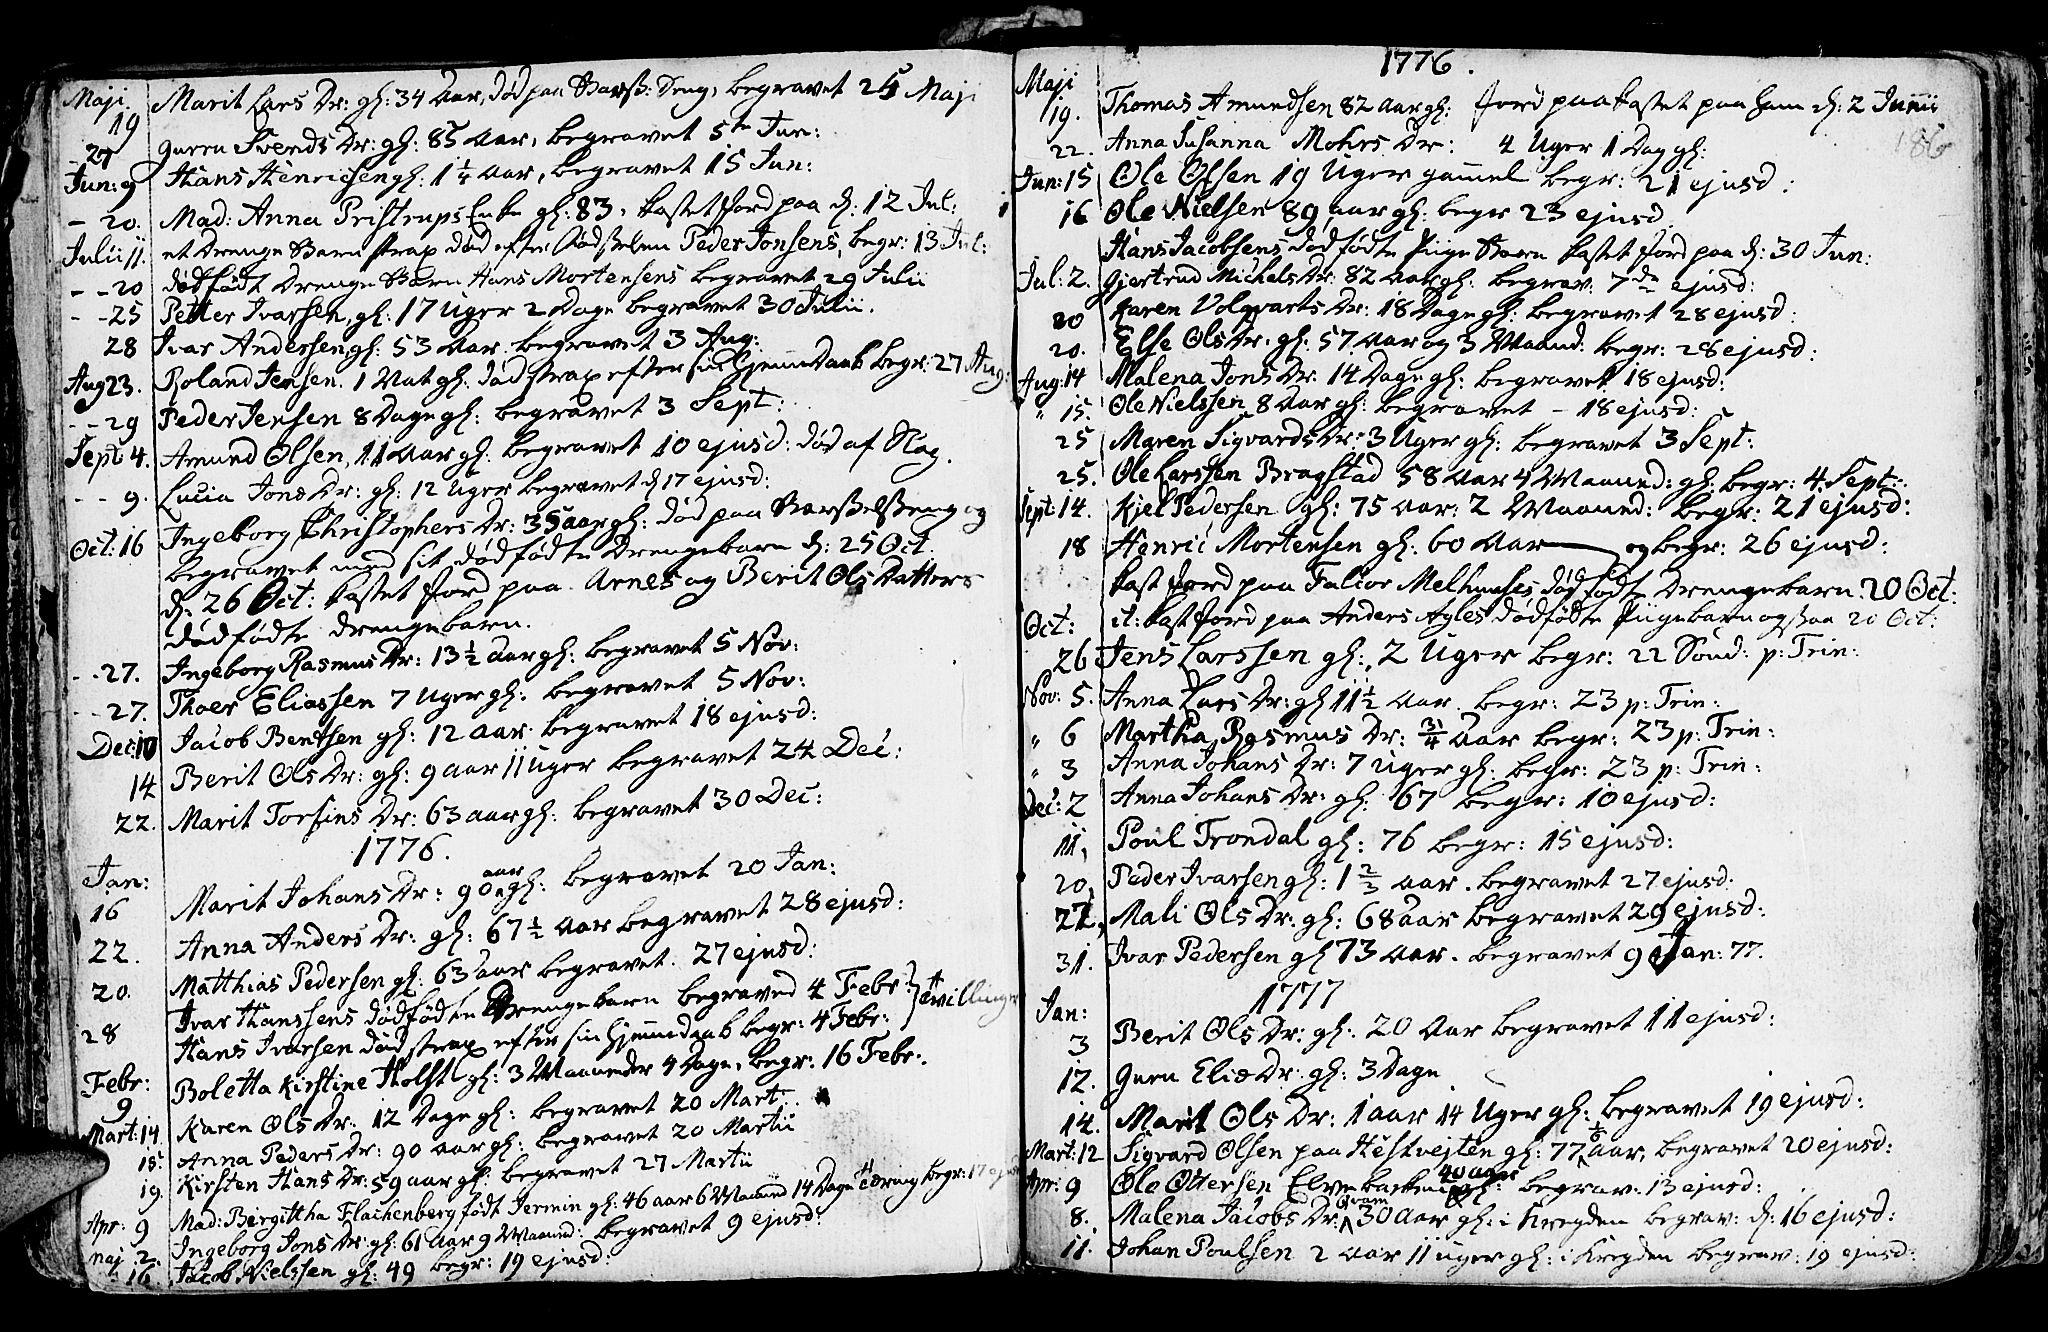 SAT, Ministerialprotokoller, klokkerbøker og fødselsregistre - Nord-Trøndelag, 730/L0273: Ministerialbok nr. 730A02, 1762-1802, s. 186